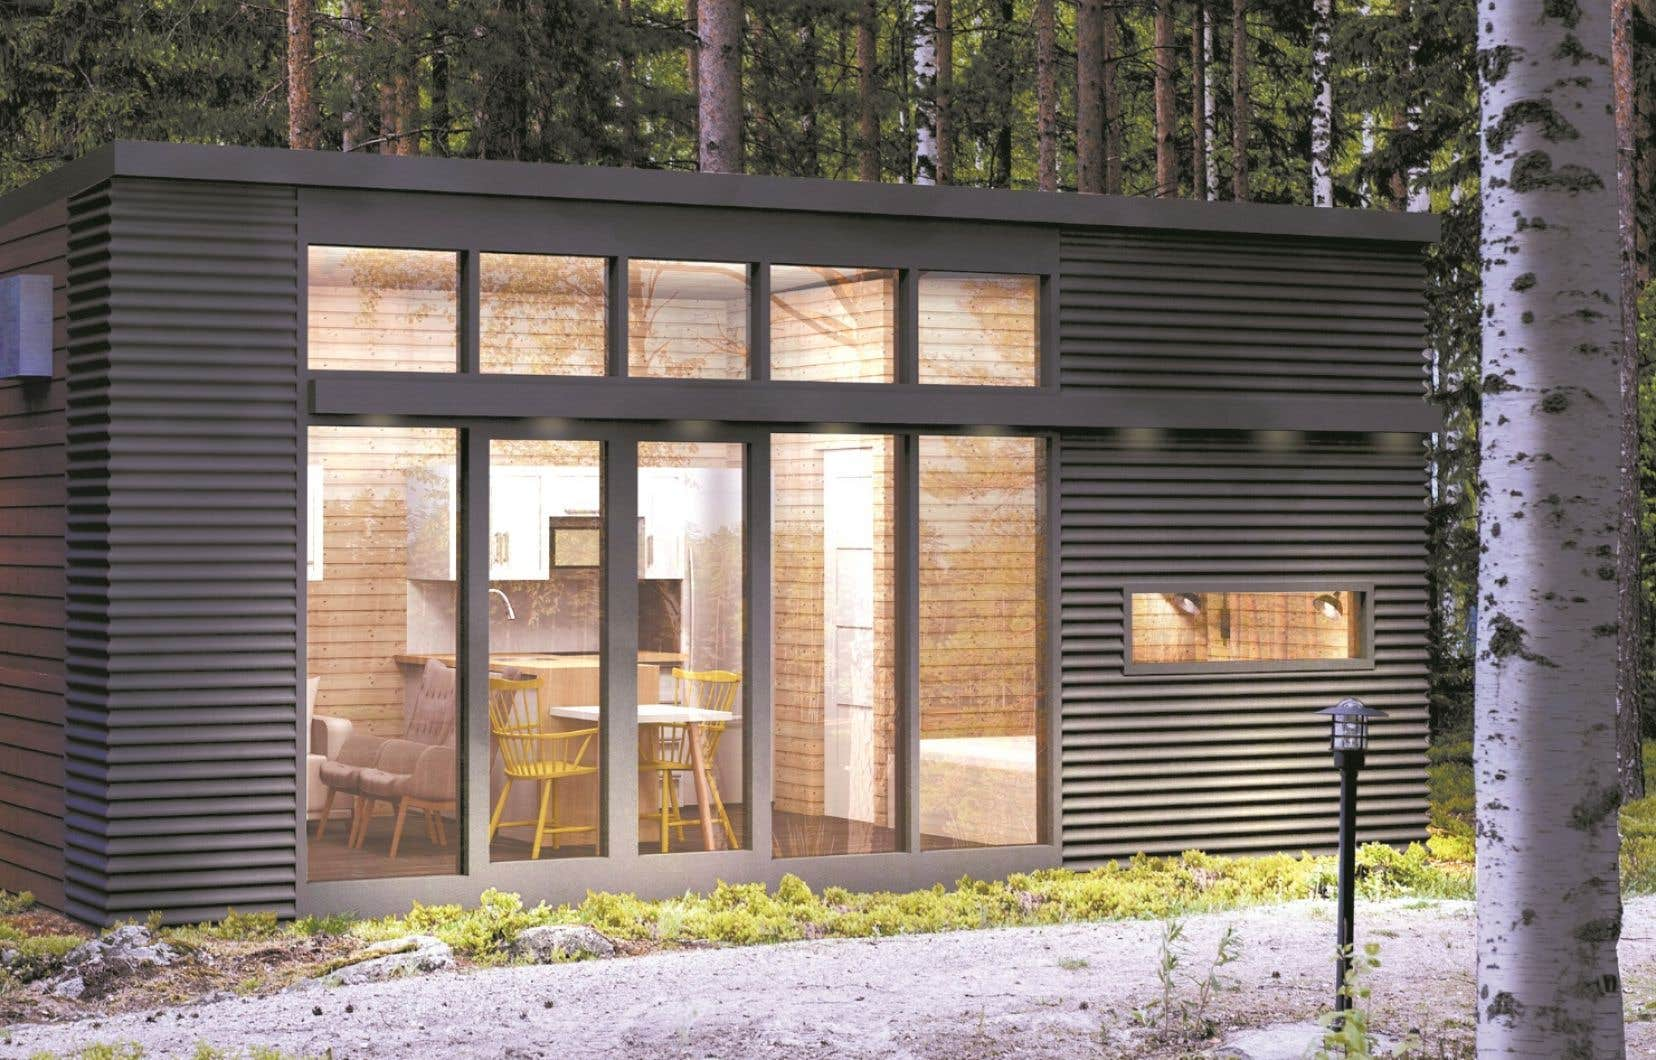 L'équipe de ilo Mini-Maison encourage les gens à proposer des projets de petites habitations aux municipalités, même si ces dernières ne semblent pas ouvertes.